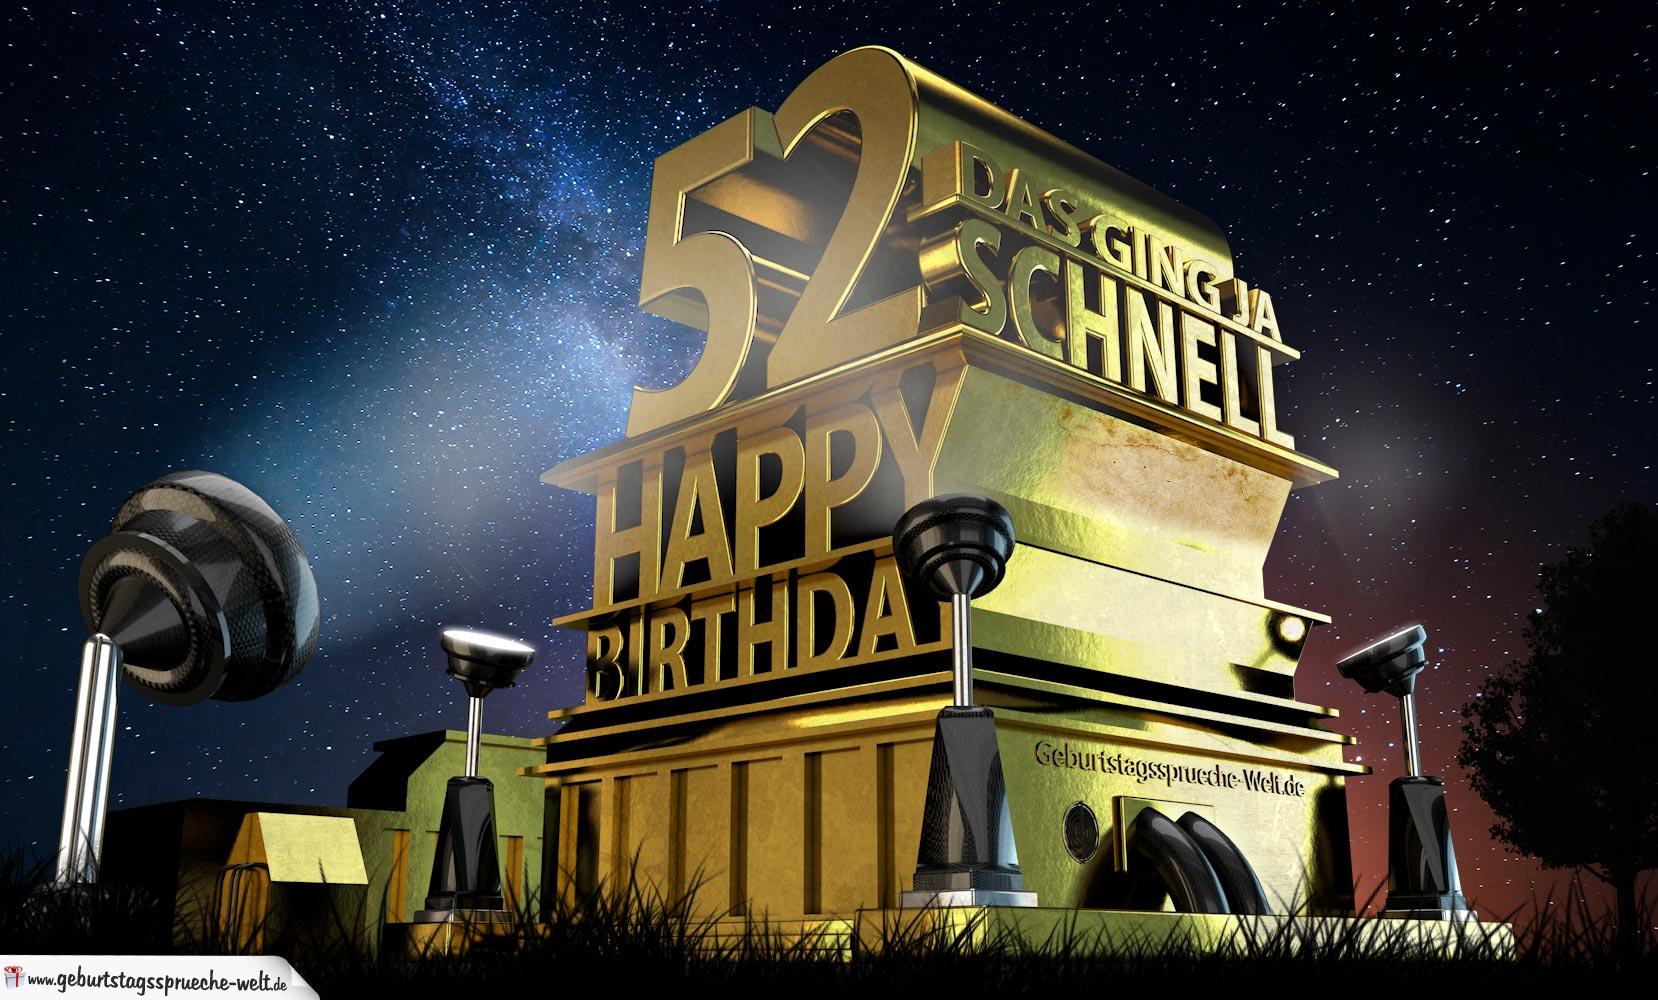 Kostenlose Geburtstagskarte zum 52. Geburtstag im Stile